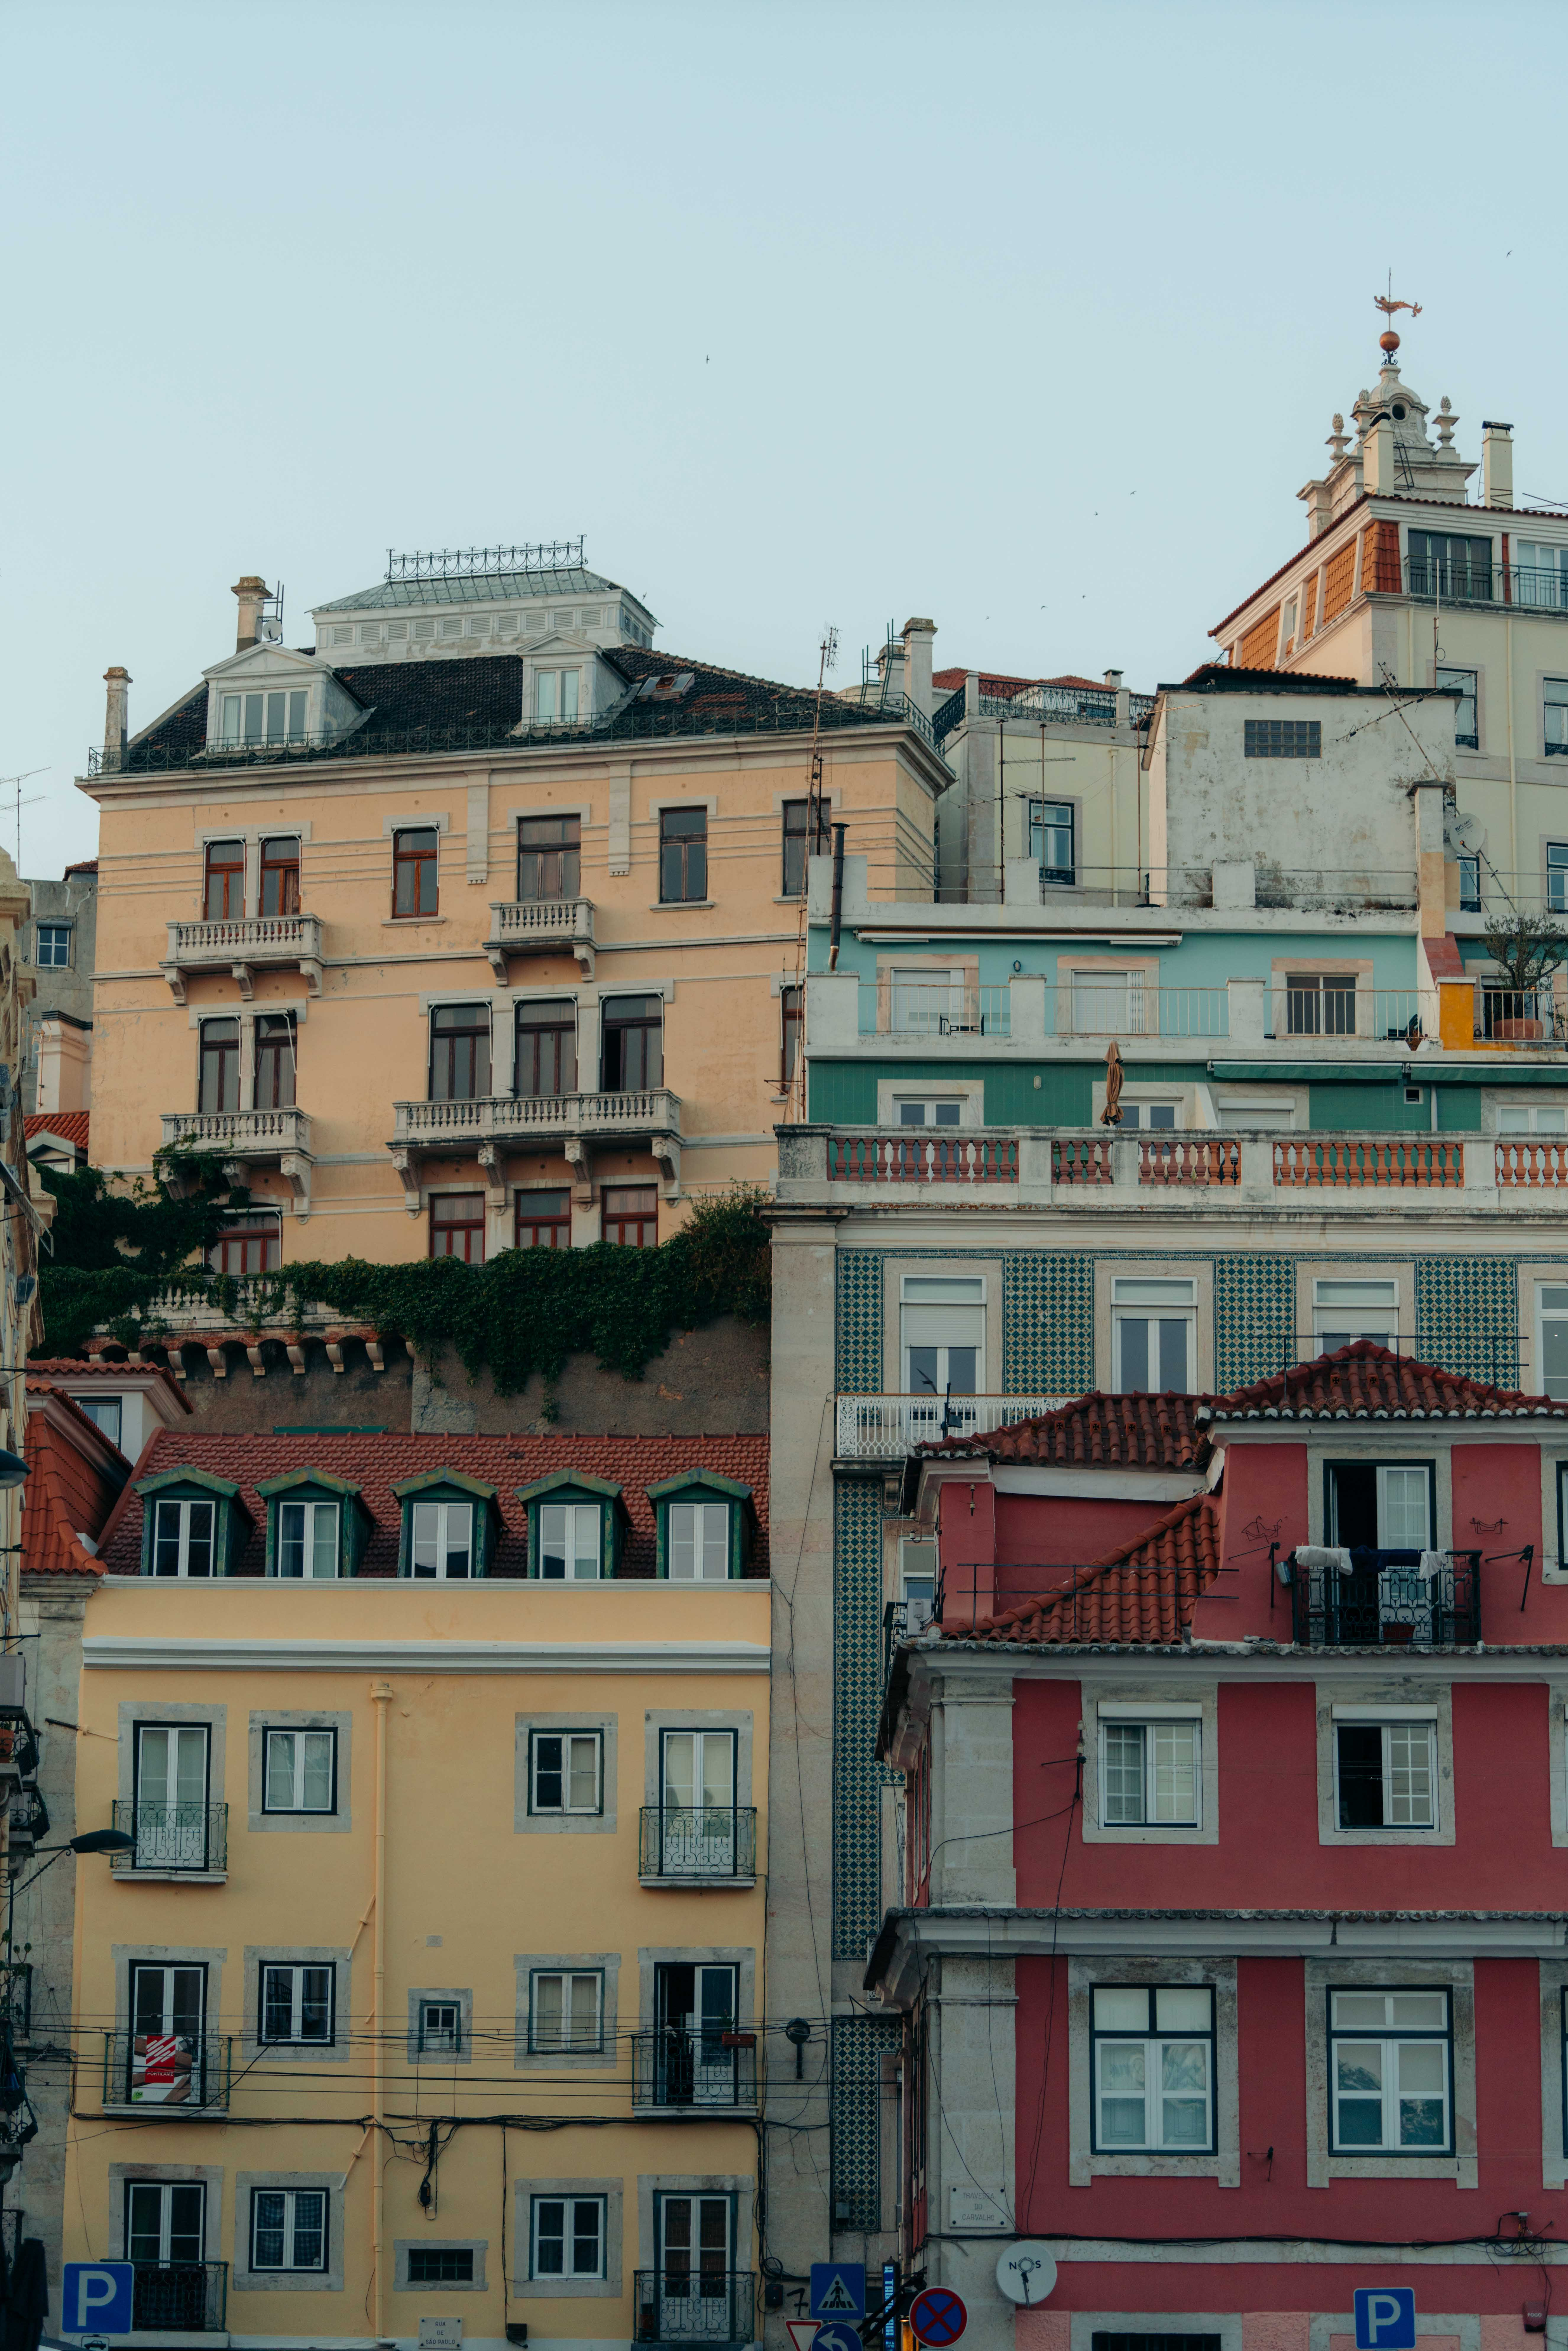 cais do sodre lizbona najlepsze knajpy w lizbonie